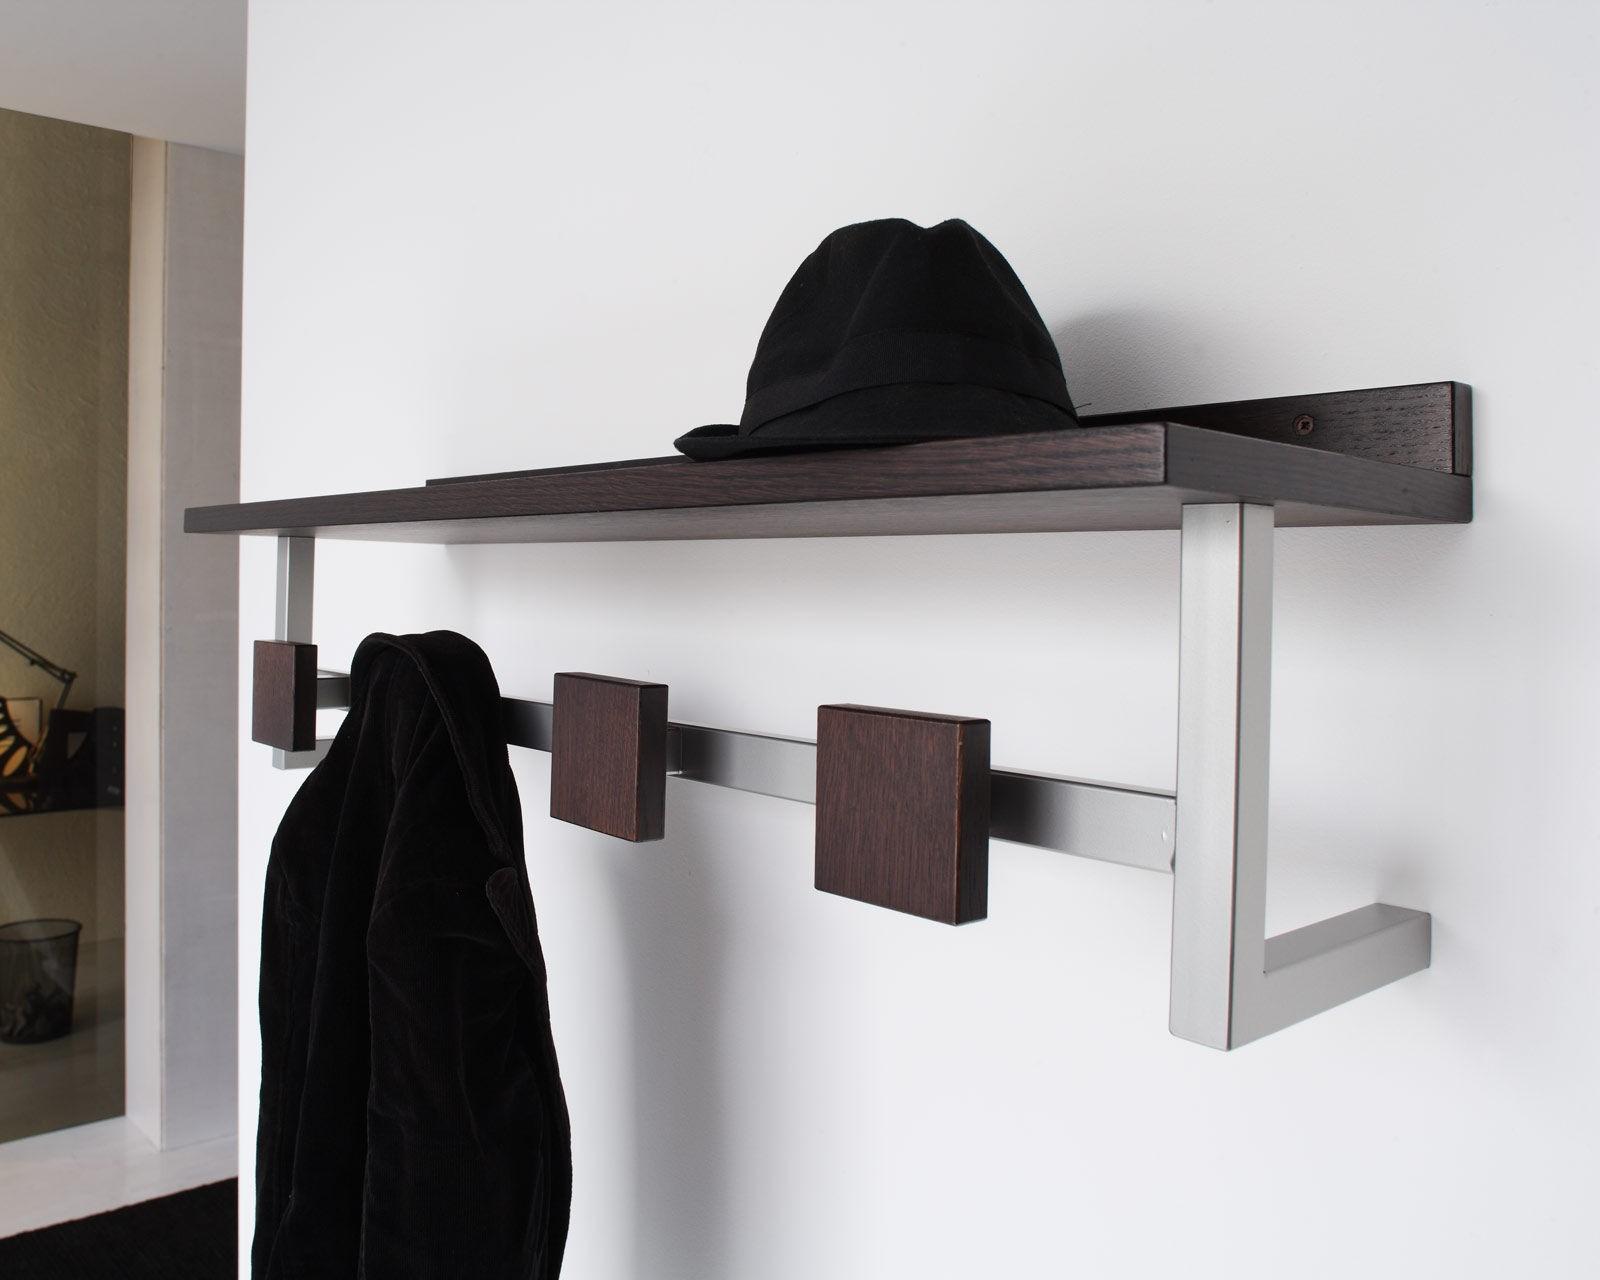 Wall Mounted Coat Racks With Shelf 1